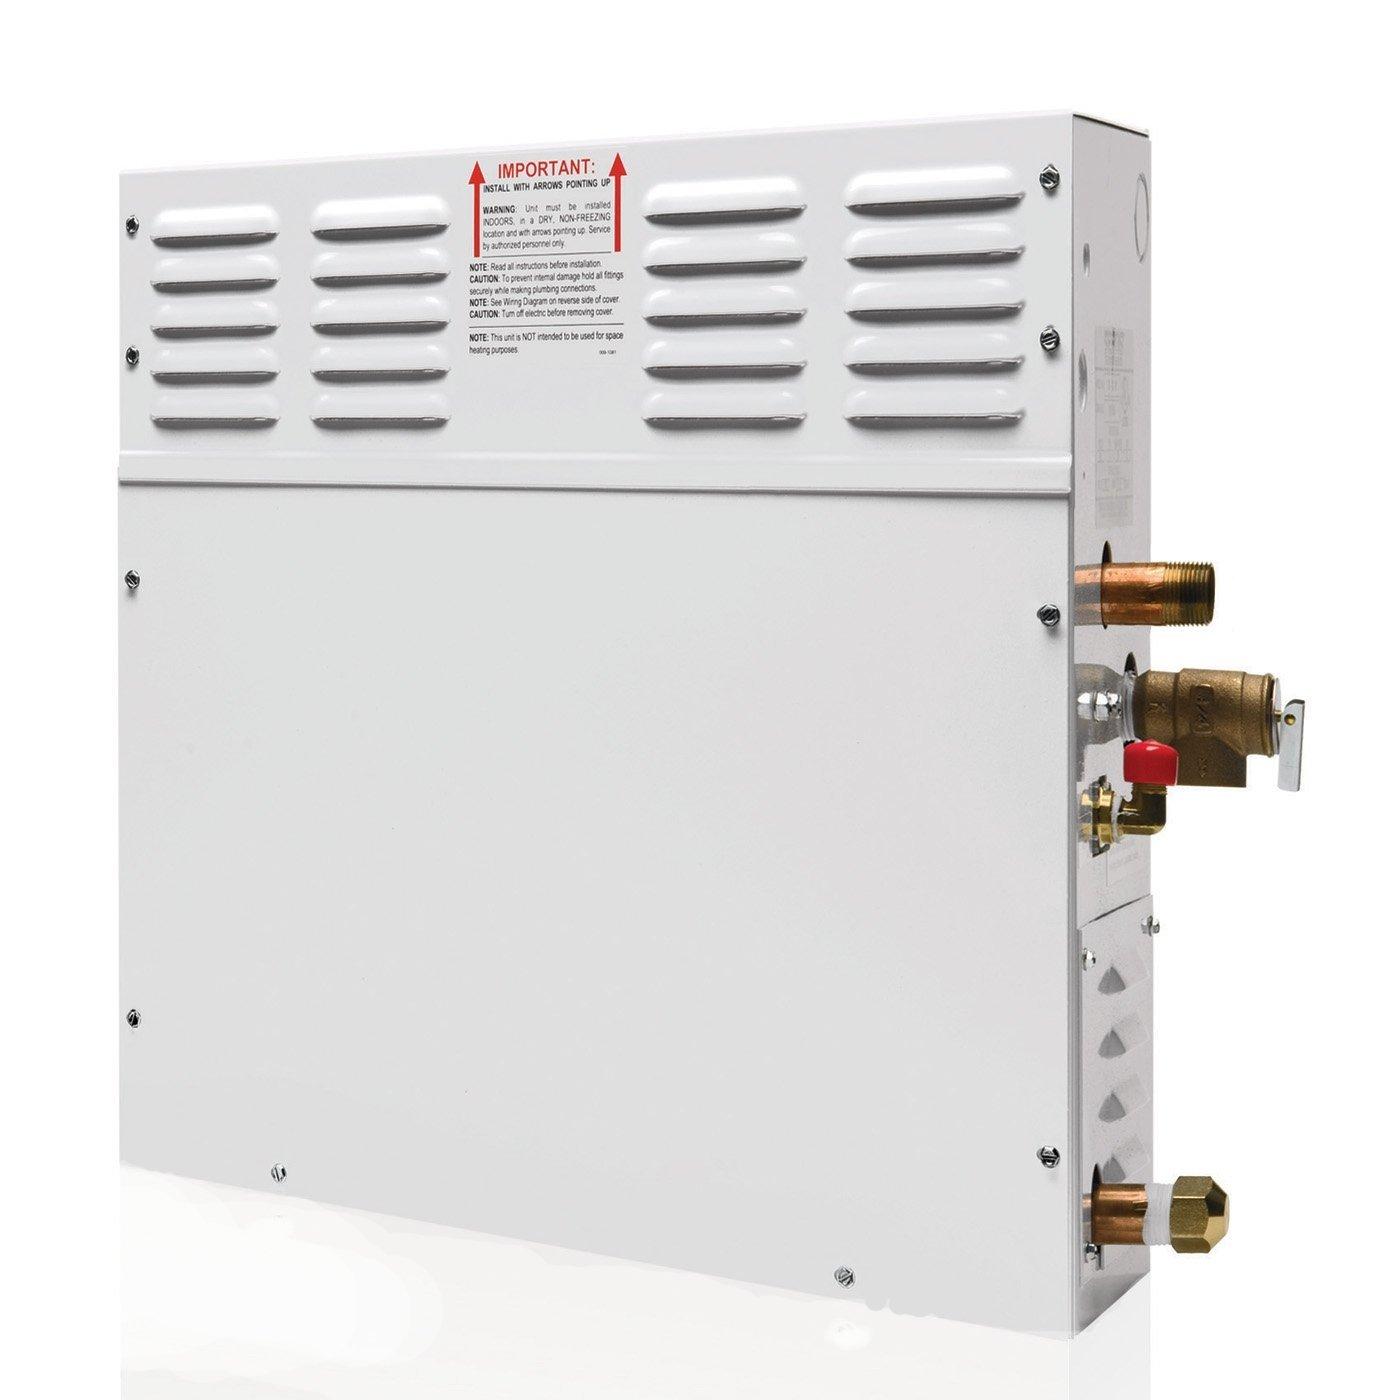 Steamist TSG-10 10 KW Rating Total Sense Residential Steam Generator